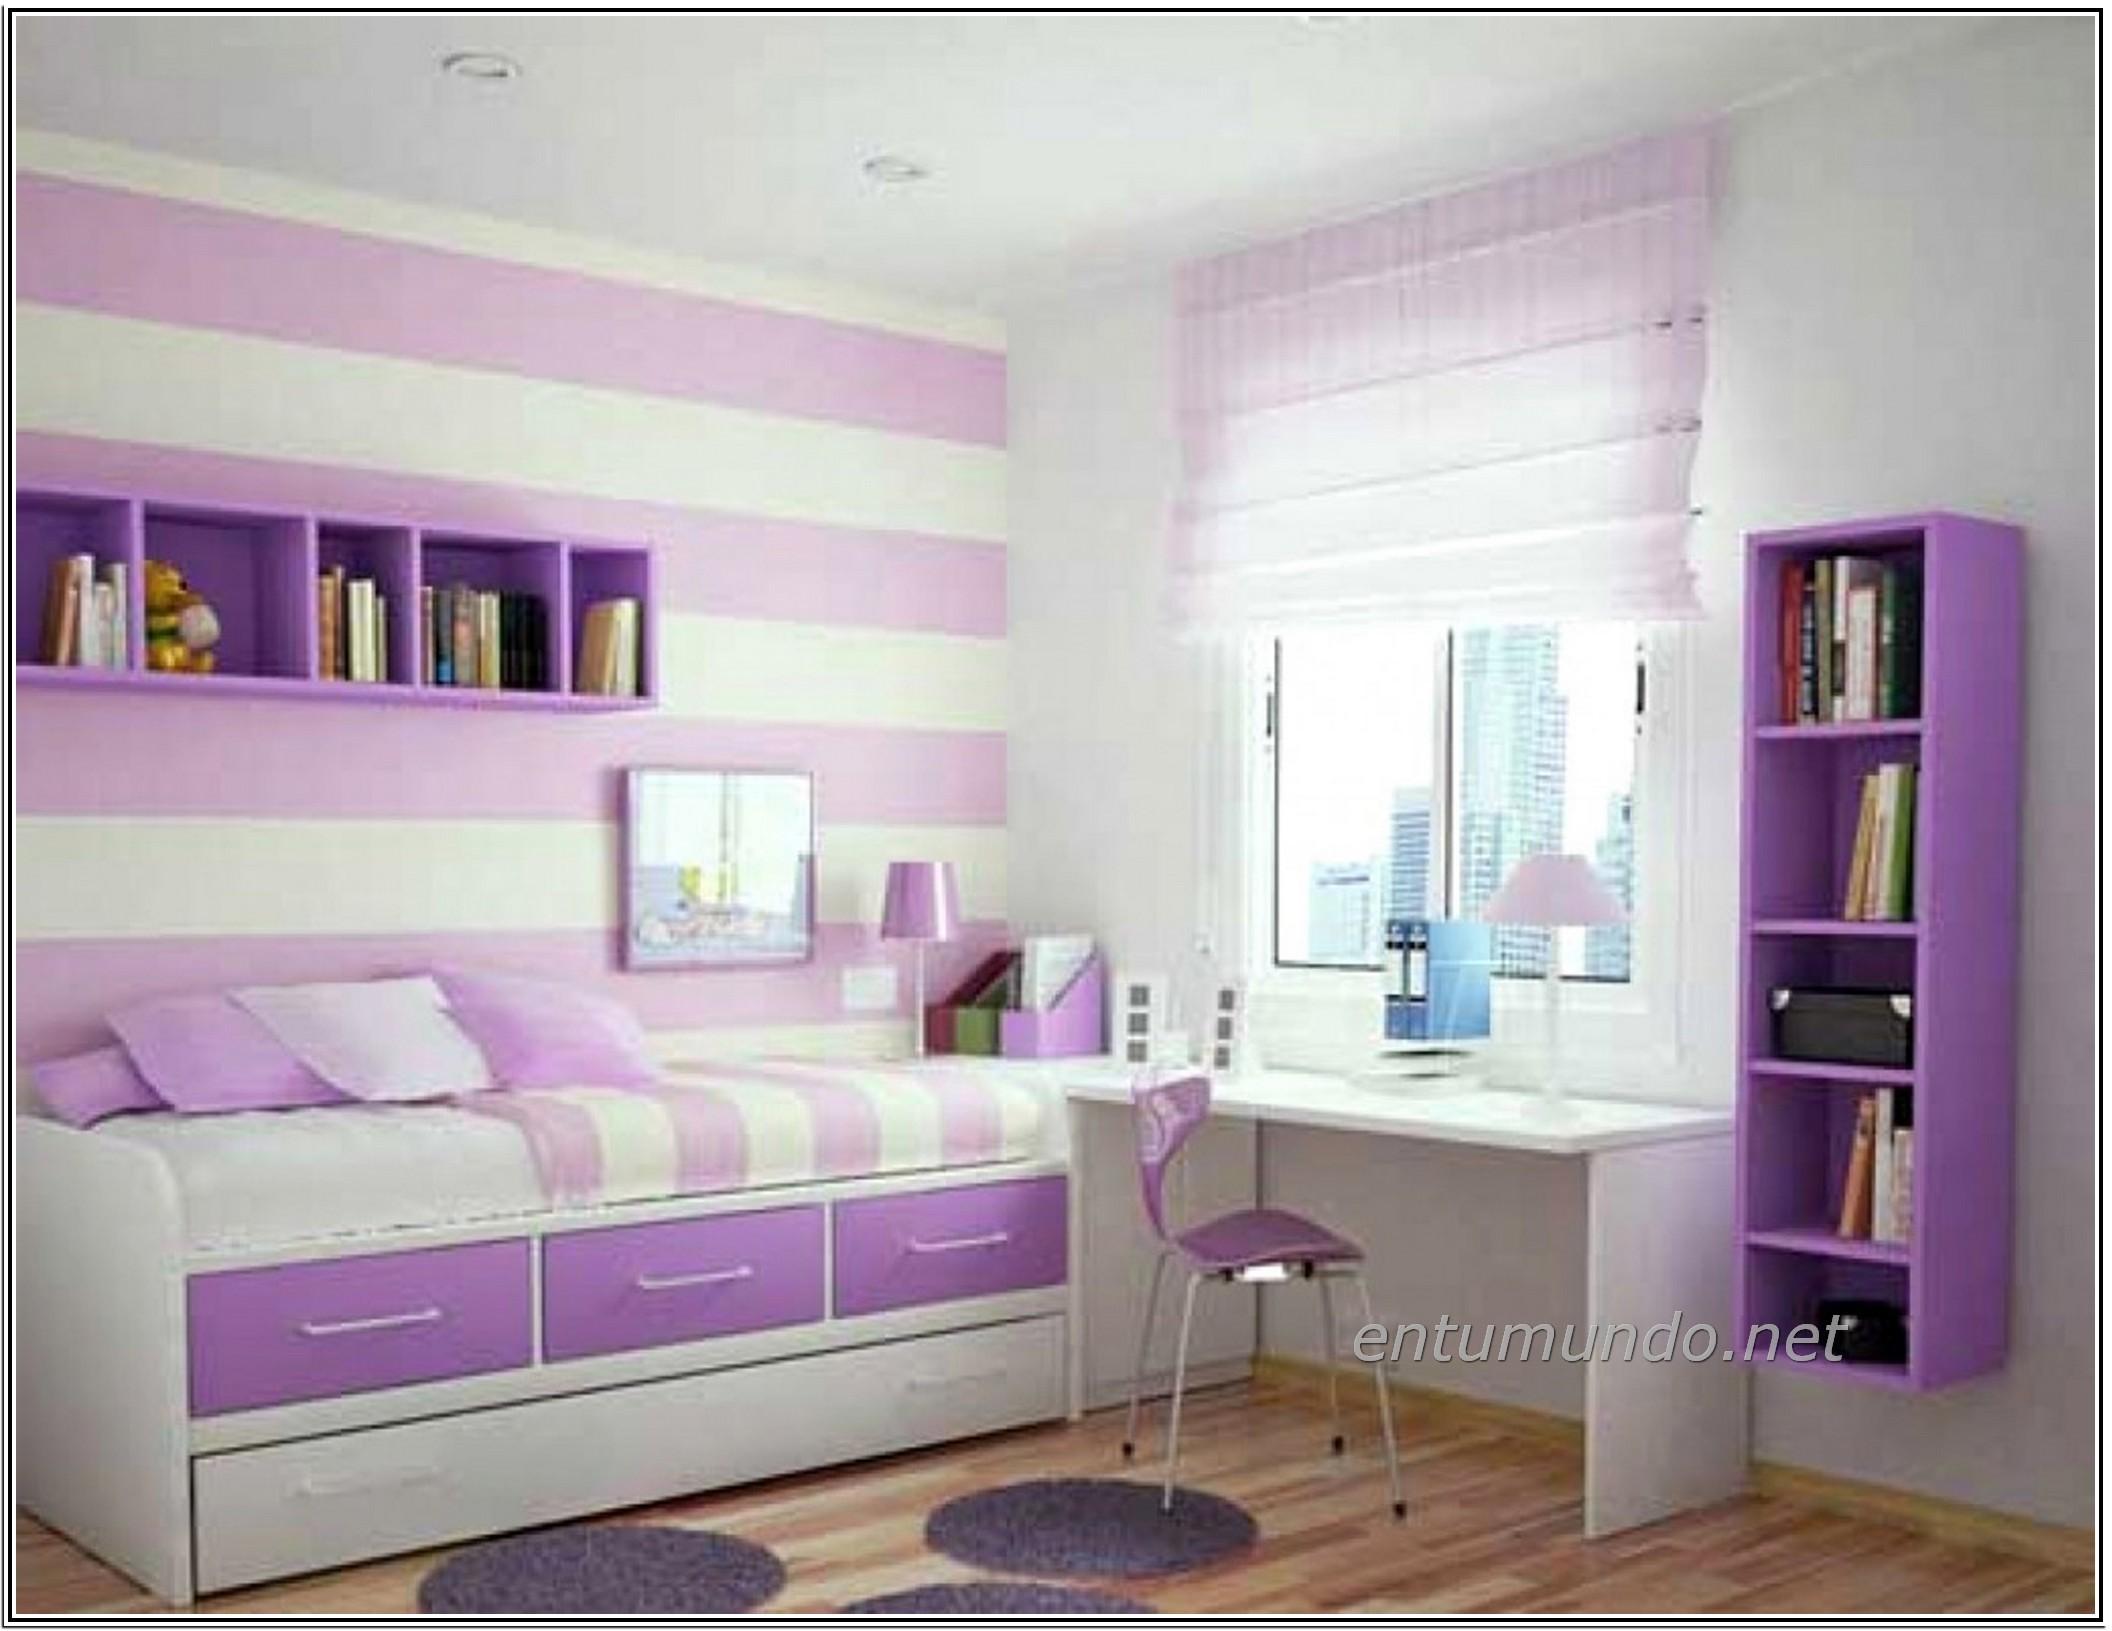 Wallpaper for Tween Girls (29+ images)